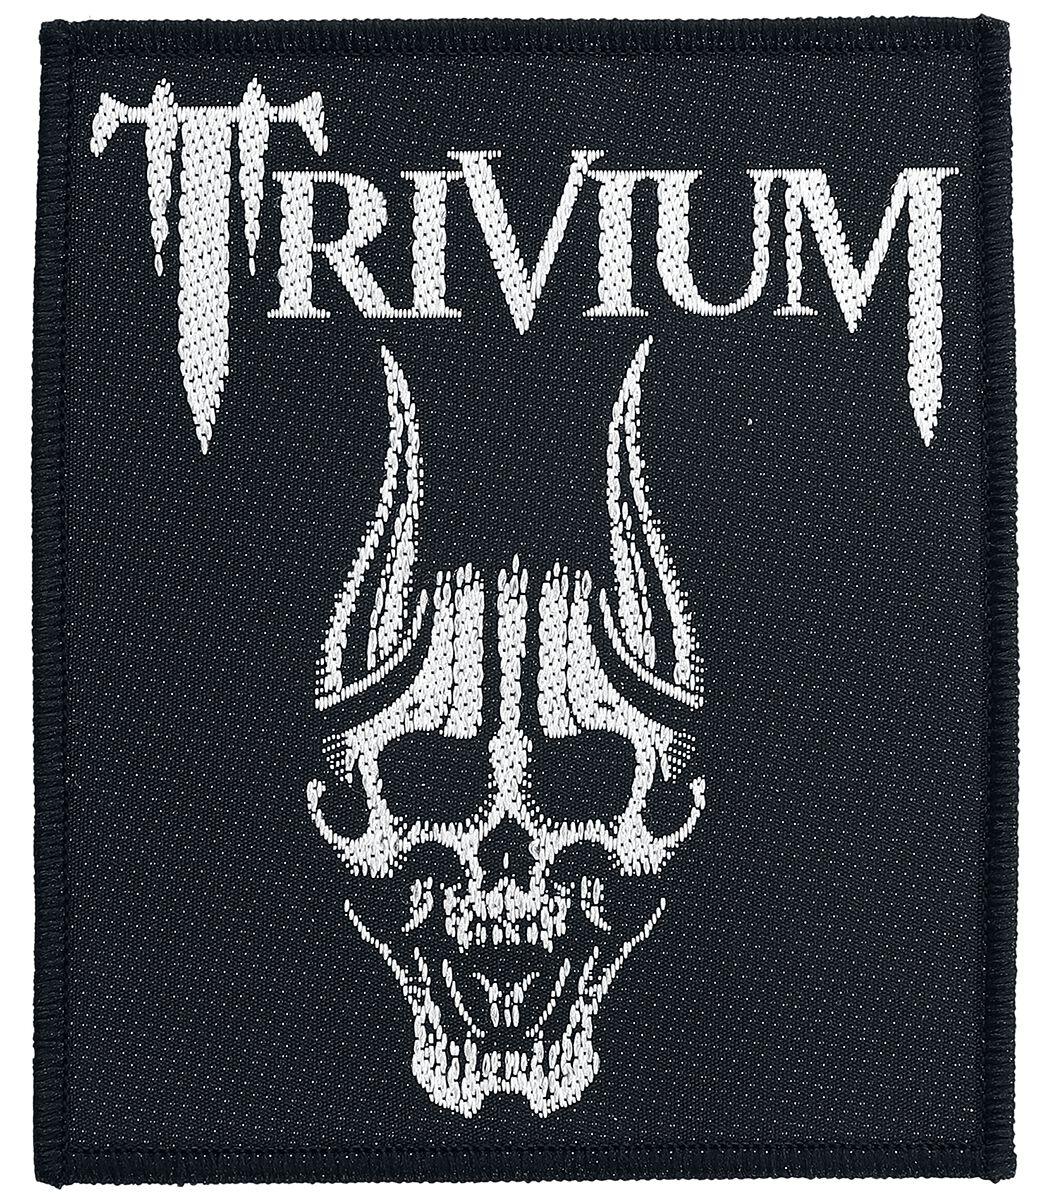 Zespoły - Naszywki - Naszywka Trivium Screaming Skull Naszywka wielokolorowy - 357702